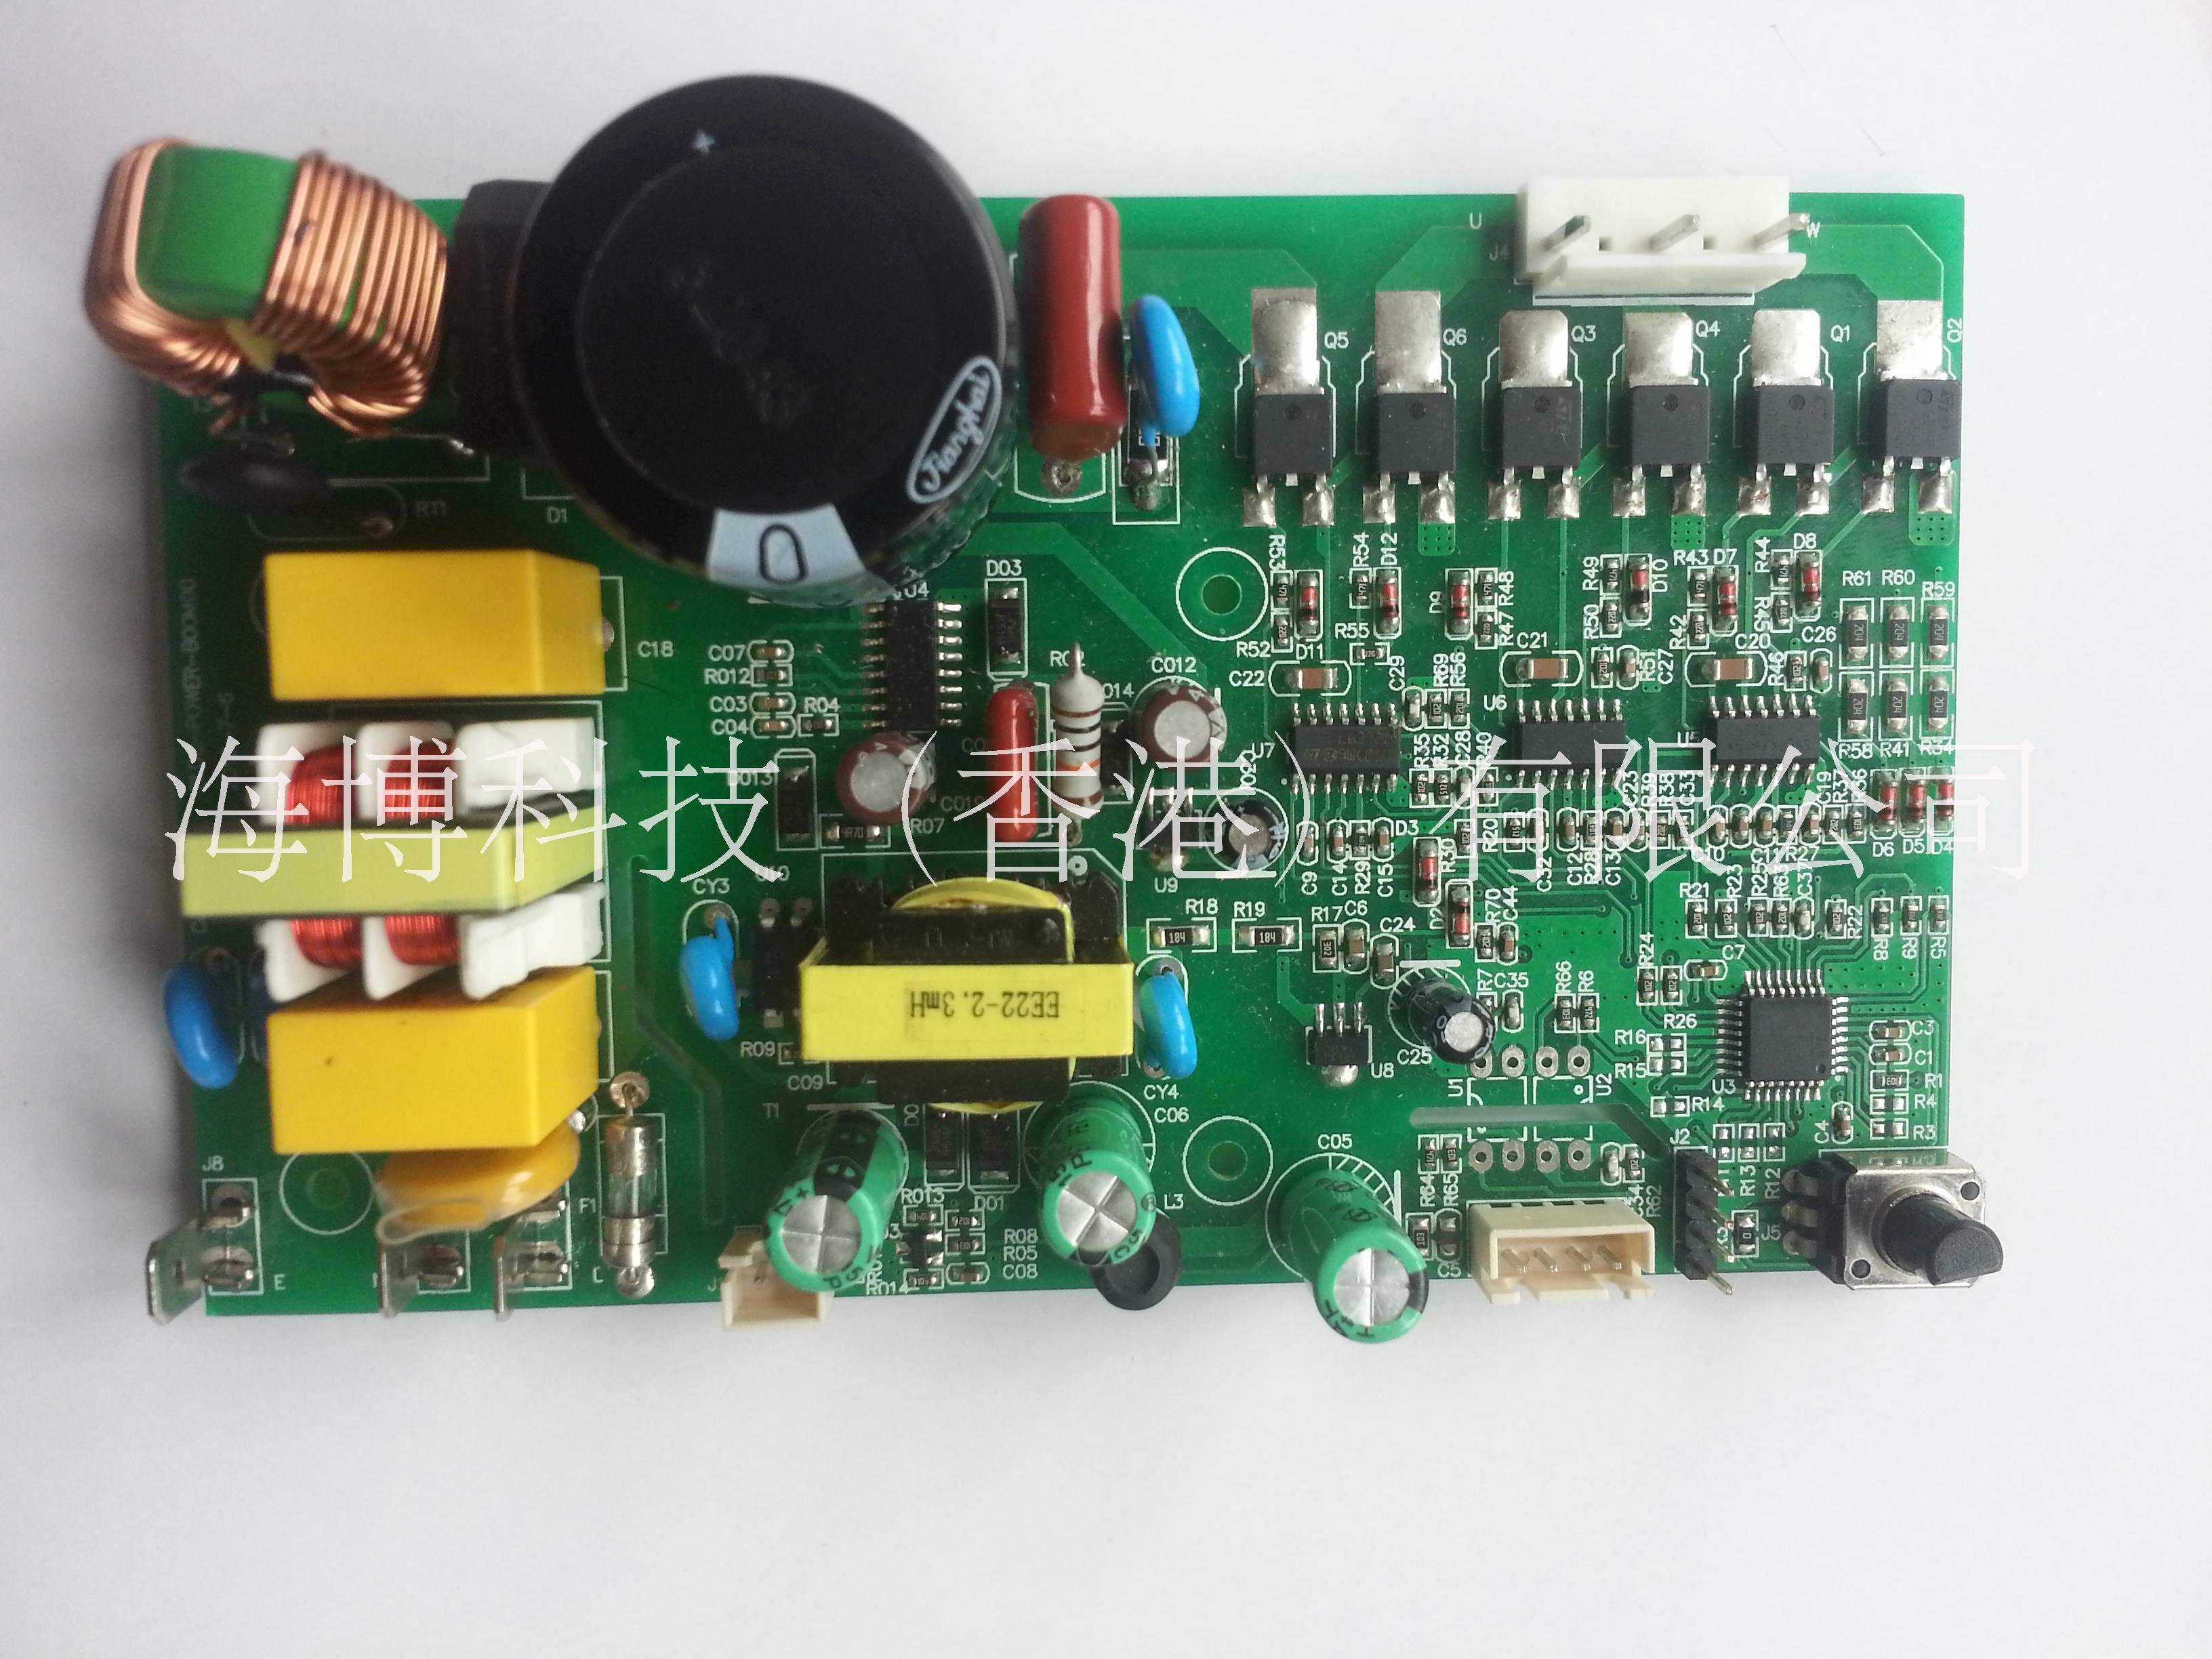 盘管风机控制器 盘管风机电机驱动器 直流无刷风机控制器 盘管风机